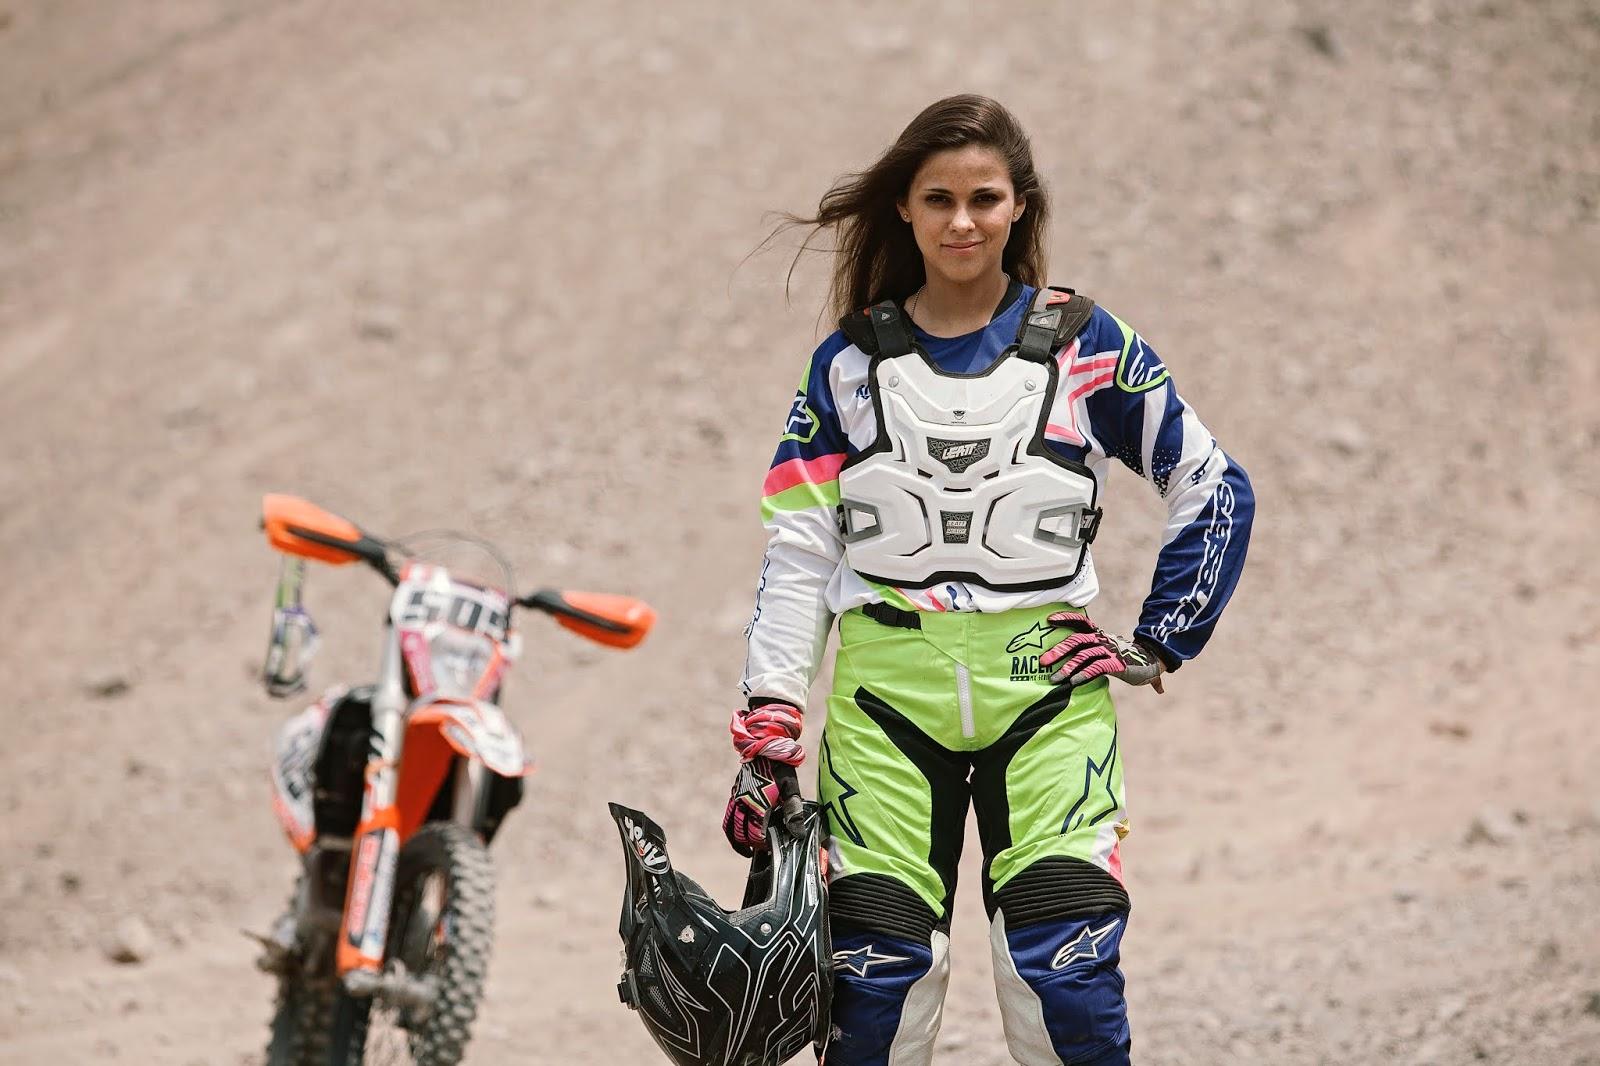 Gianna Velarde